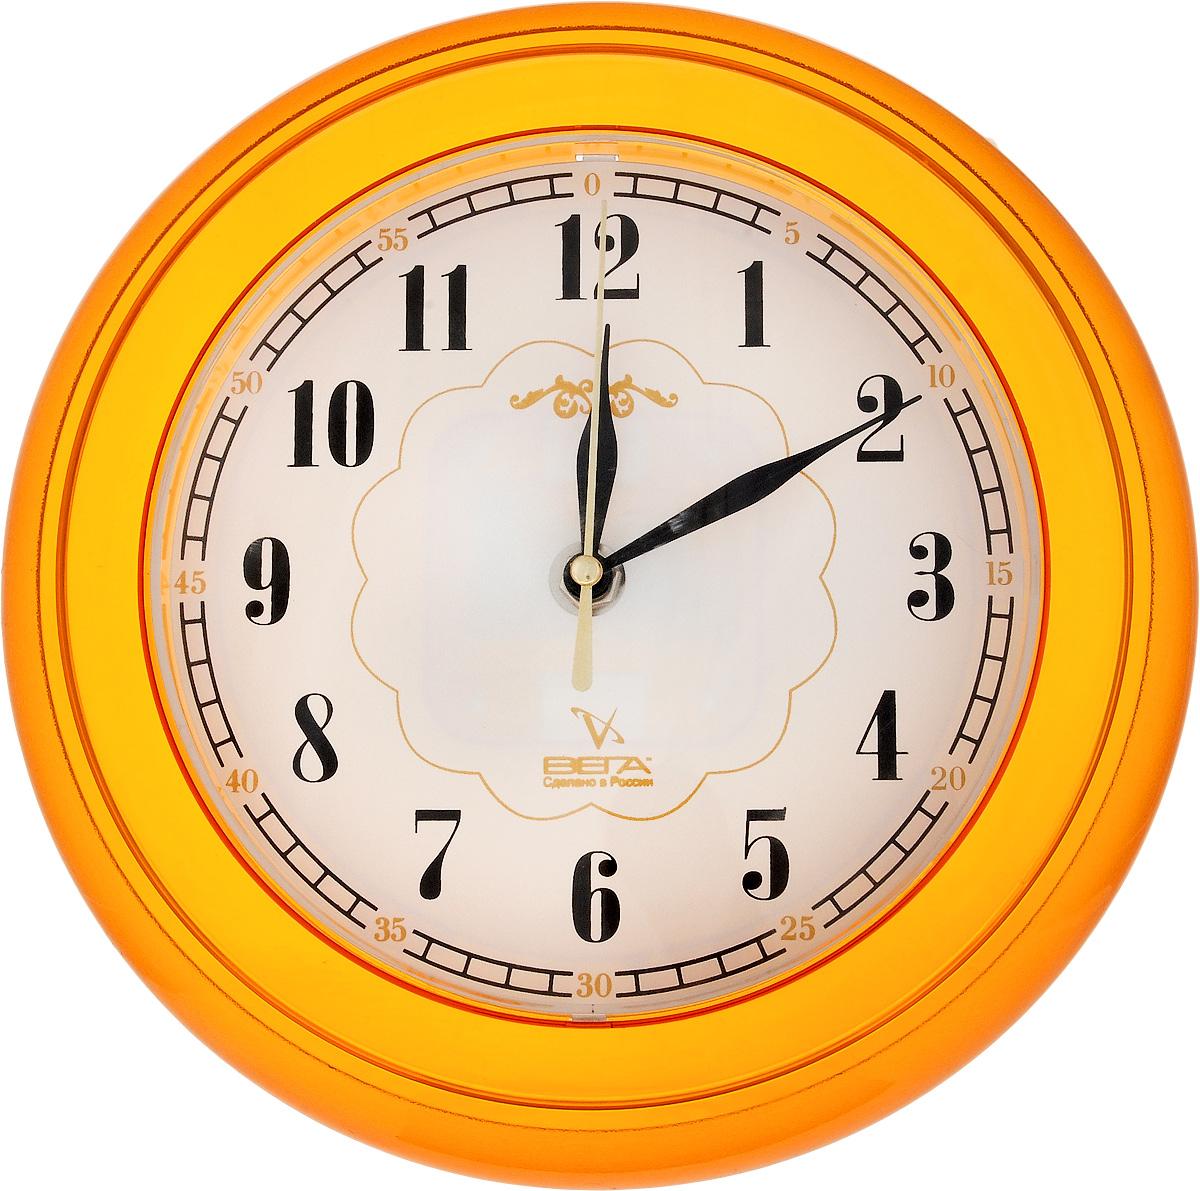 Часы настенные Вега Классика, цвет: оранжевый, диаметр 22 смП1-2/7-11Настенные кварцевые часы Вега Классика, изготовленные из пластика, прекрасно впишутся в интерьер вашего дома. Круглые часы имеют три стрелки: часовую, минутную и секундную, циферблат защищен прозрачным стеклом. Часы работают от 1 батарейки типа АА напряжением 1,5 В (не входит в комплект). Диаметр часов: 22 см.